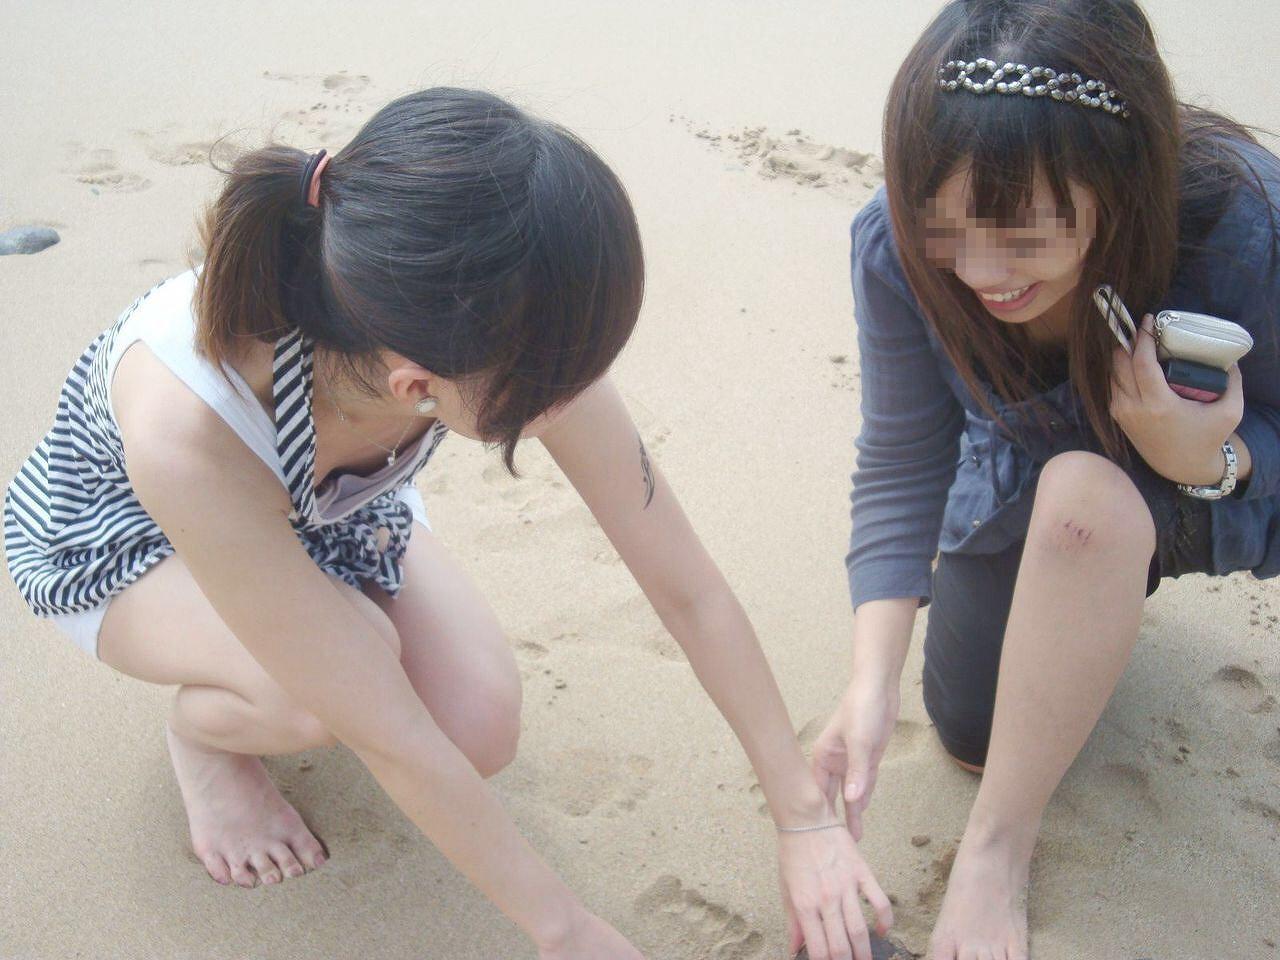 砂浜で素人女性たちが胸チラしてる!